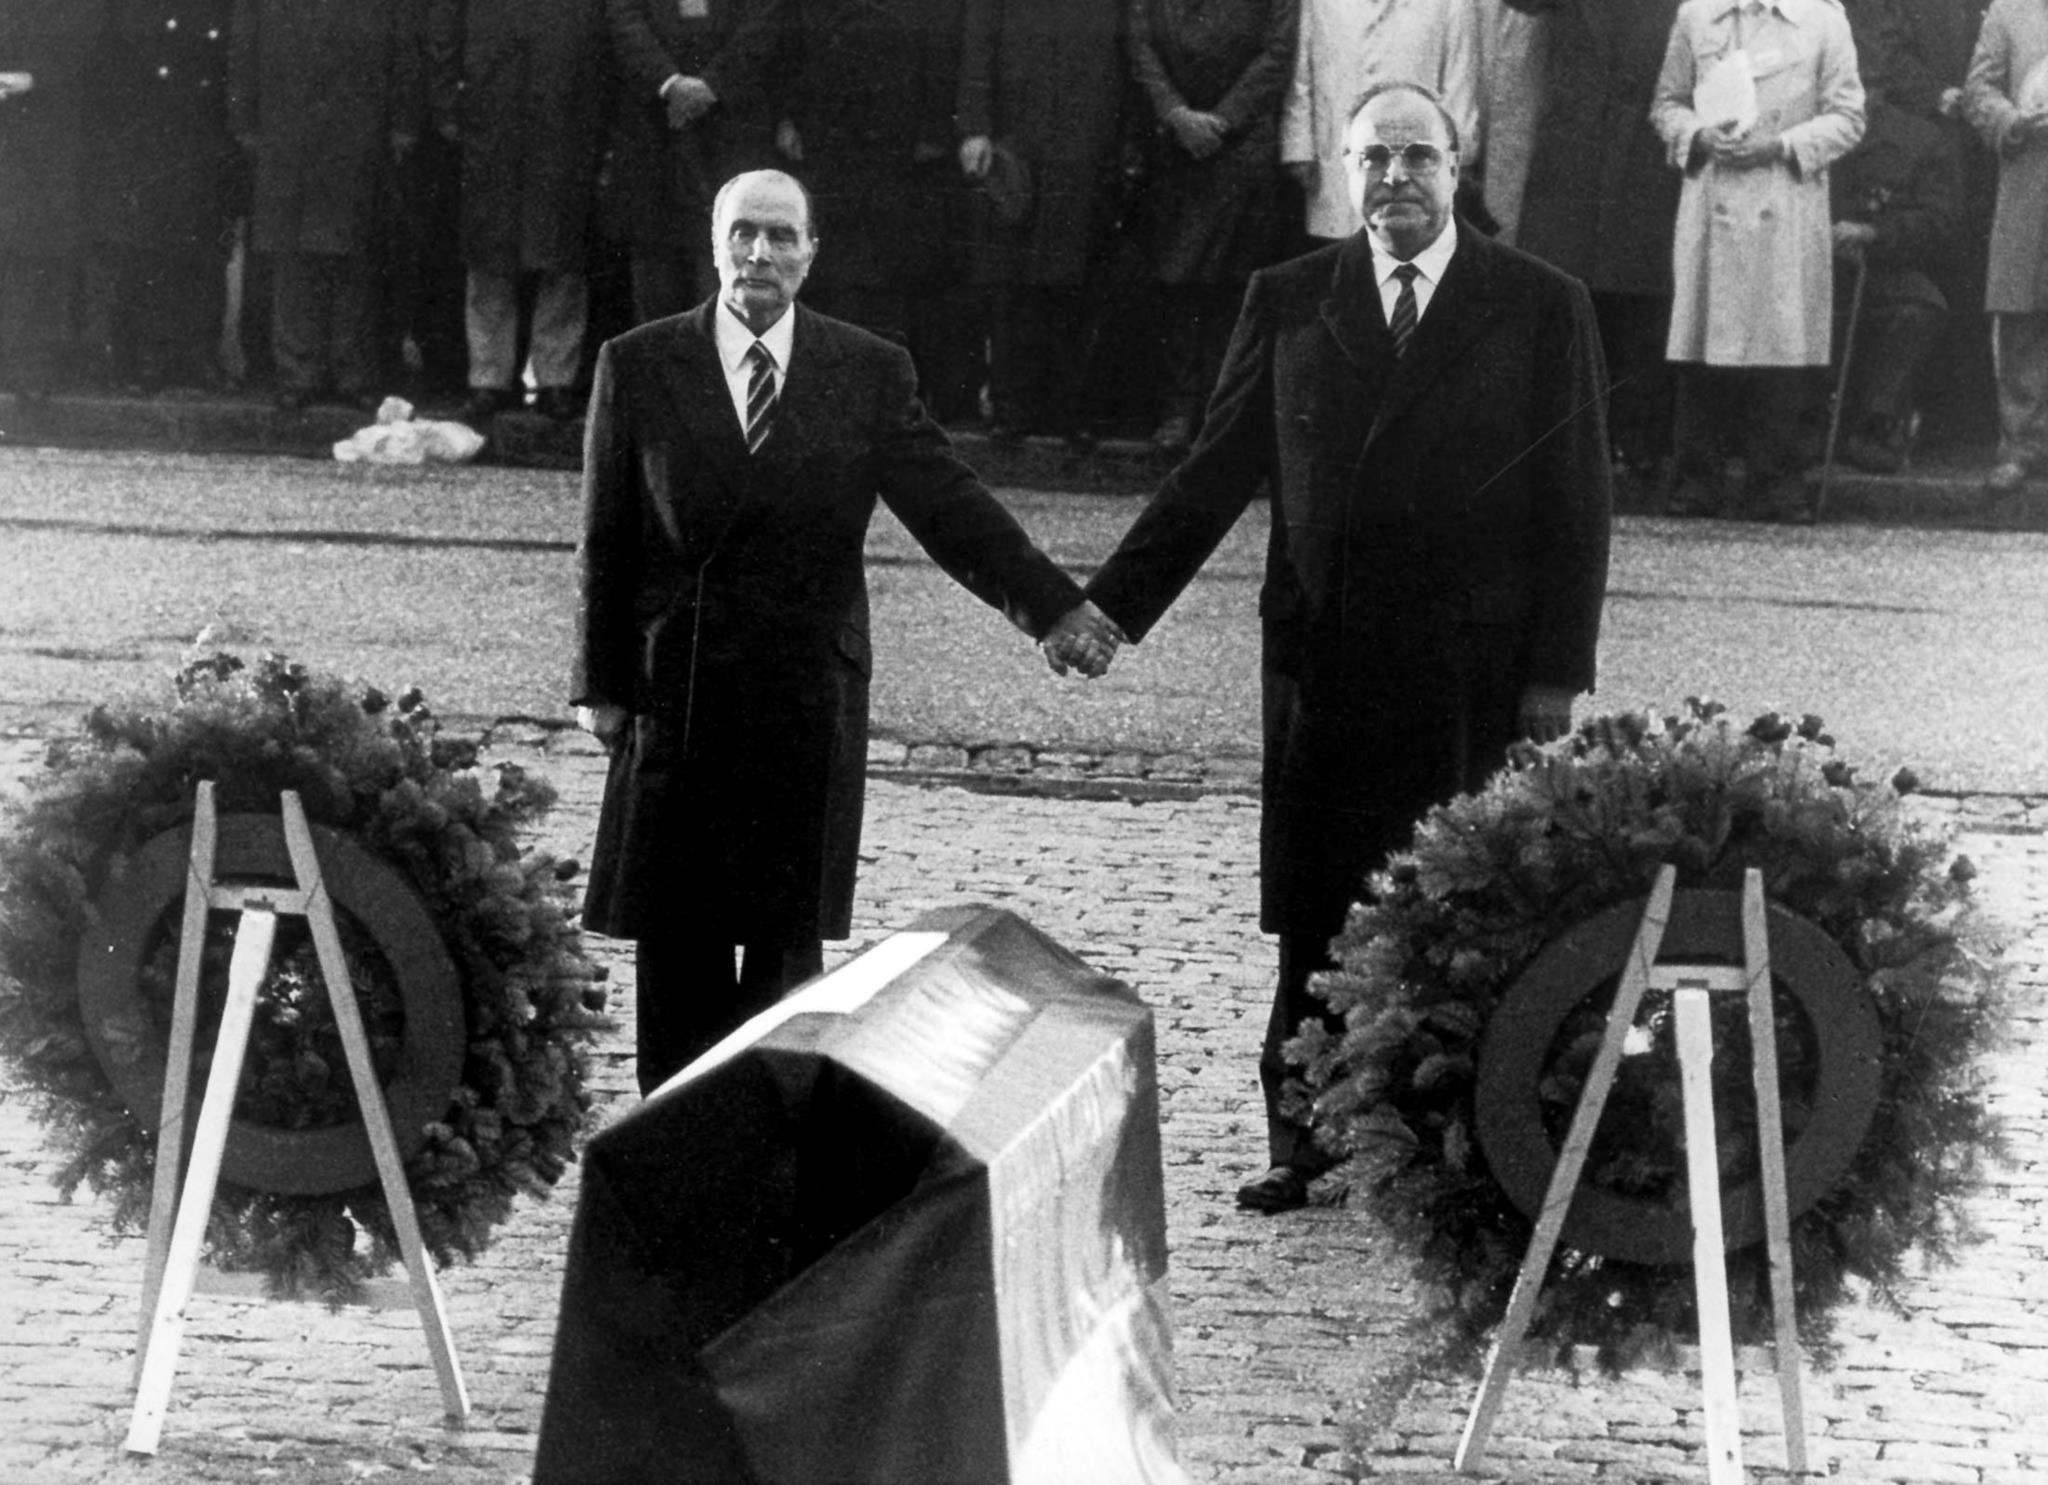 Helmut Kohl e o Presidente francês François Mitterrand dão as mãos durante uma homenagem aos mortos da Primeira Guerra Mundial, em 1984